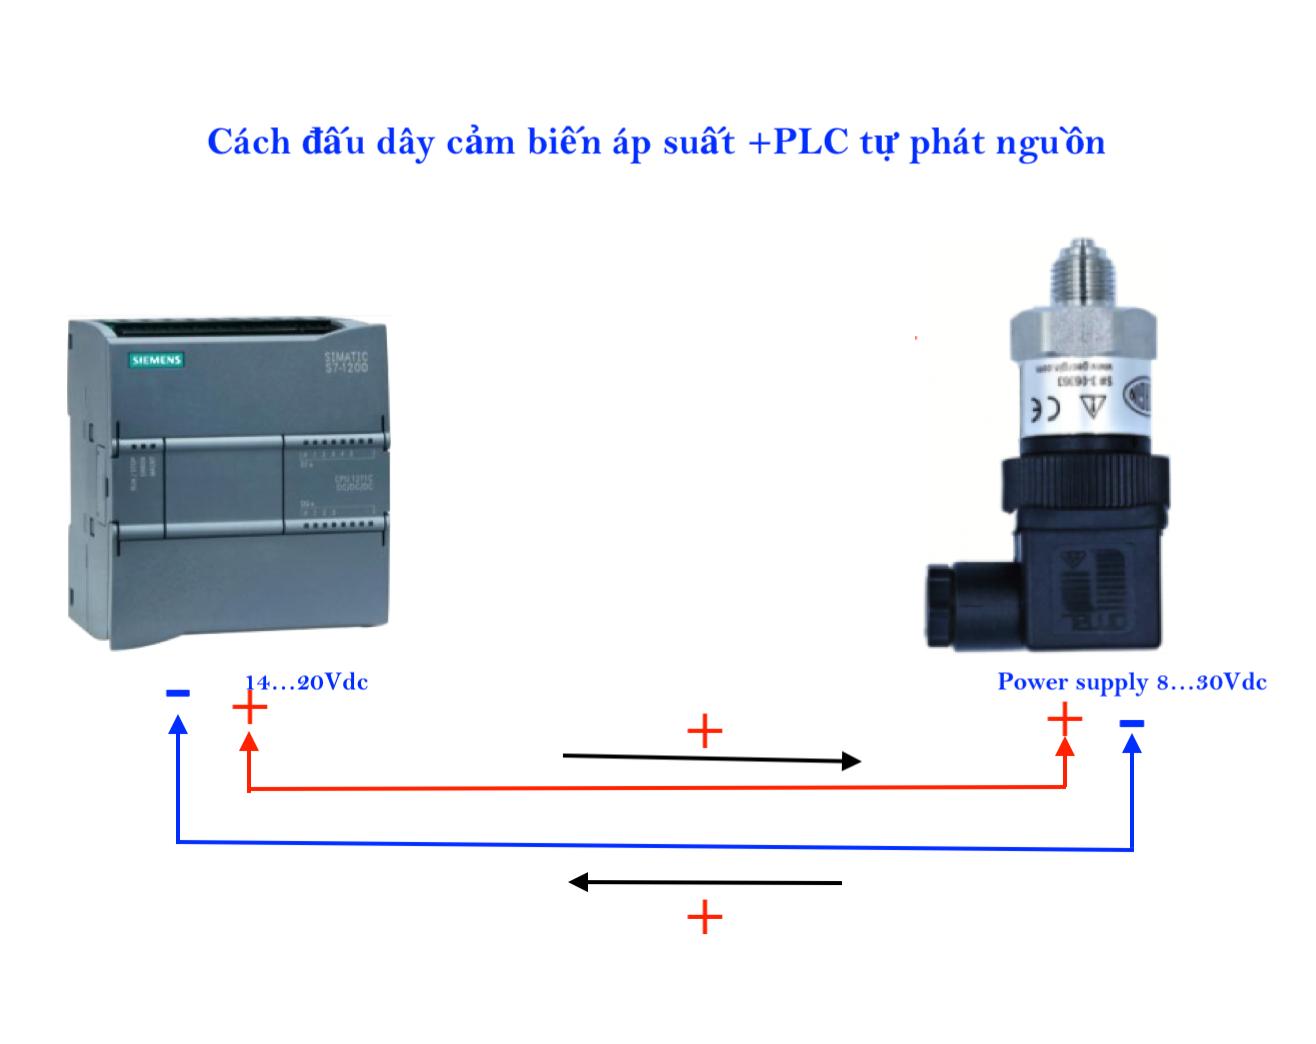 cách đấu cảm biến áp suất 2 dây với PLC